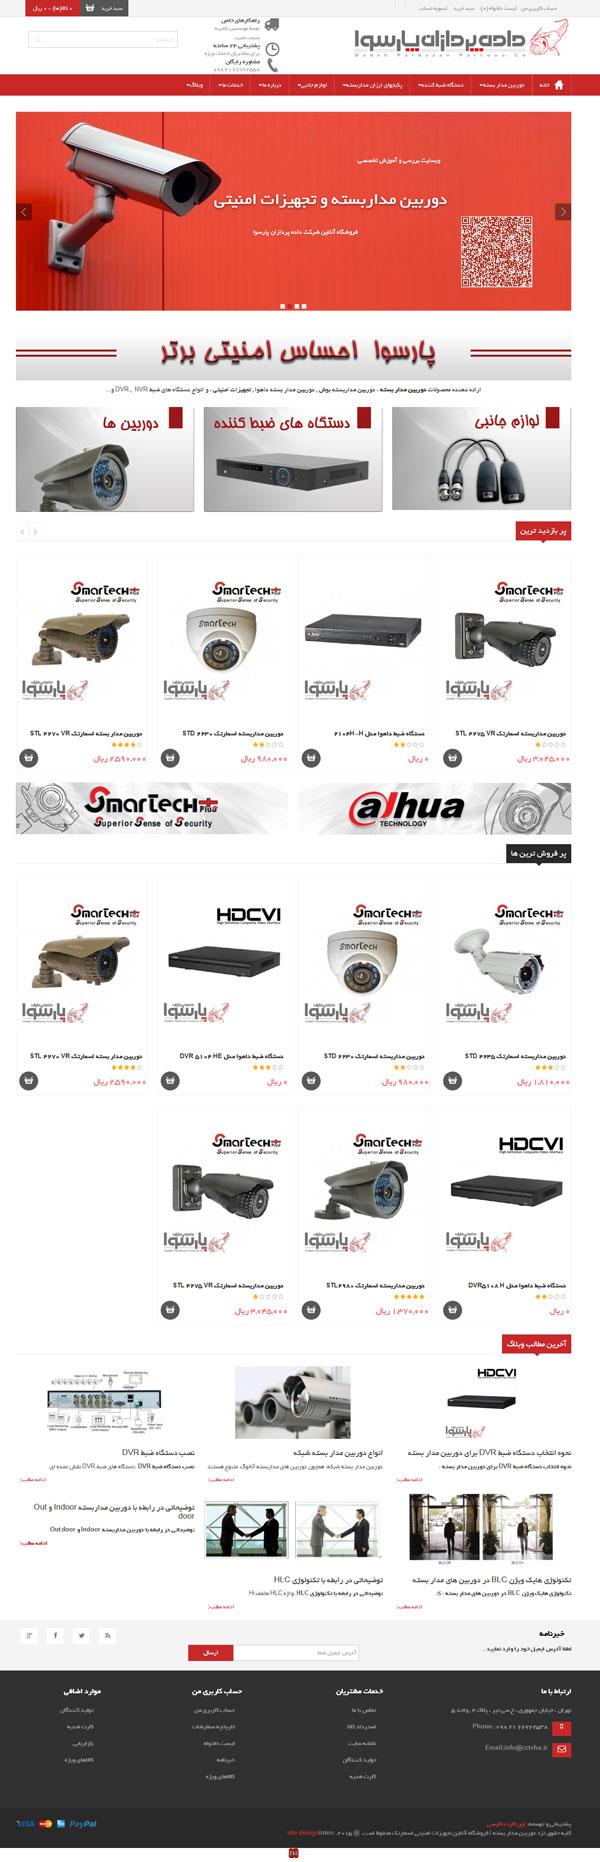 طراحی سایت فروشگاهی دوربین مدار بسته